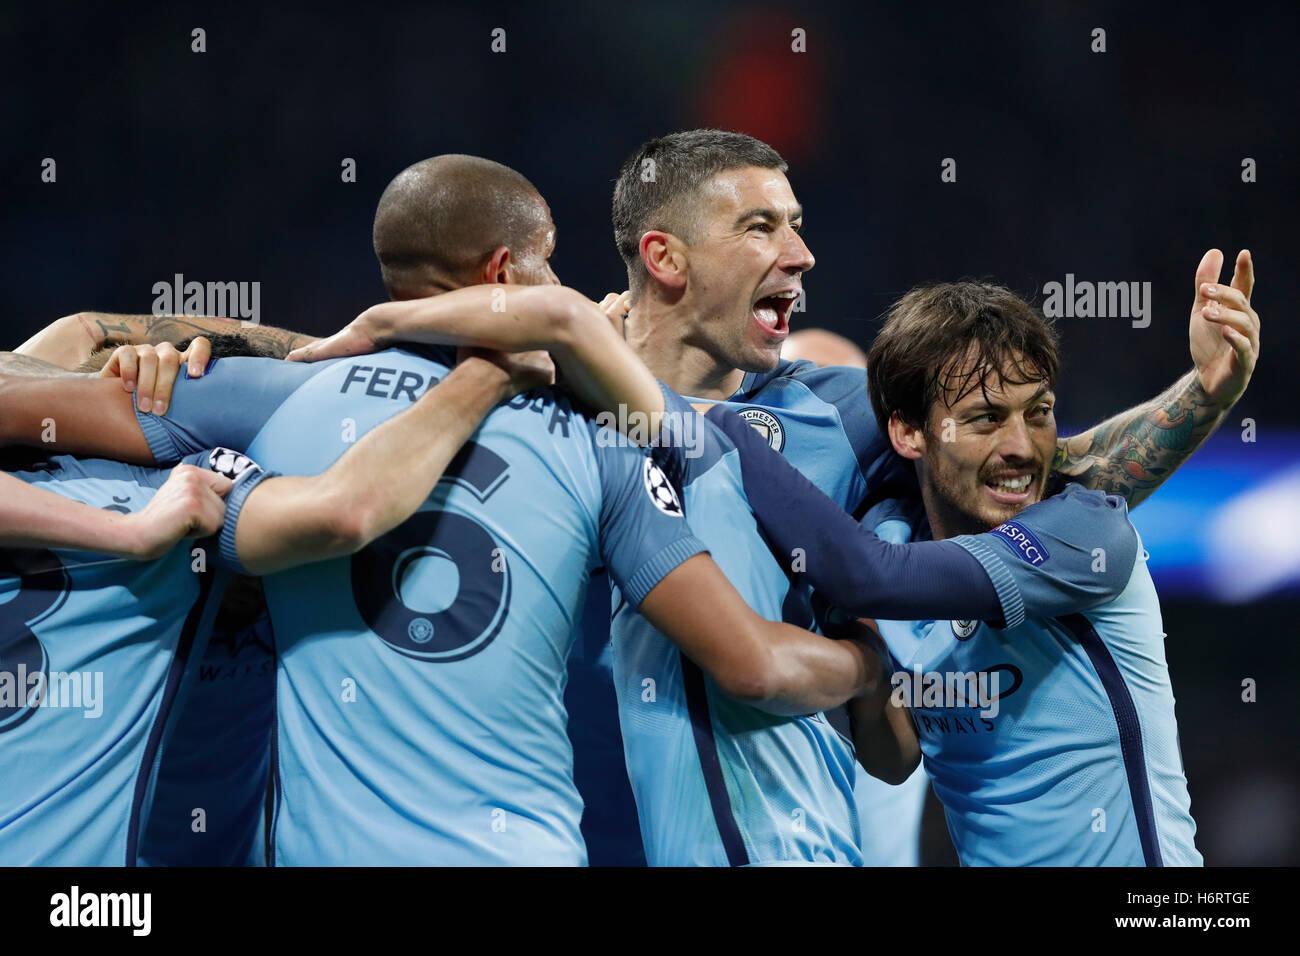 Londra, Gran Bretagna. 1 Nov, 2016. I giocatori del Manchester City celebrare dopo rigature durante la UEFA Champions Immagini Stock